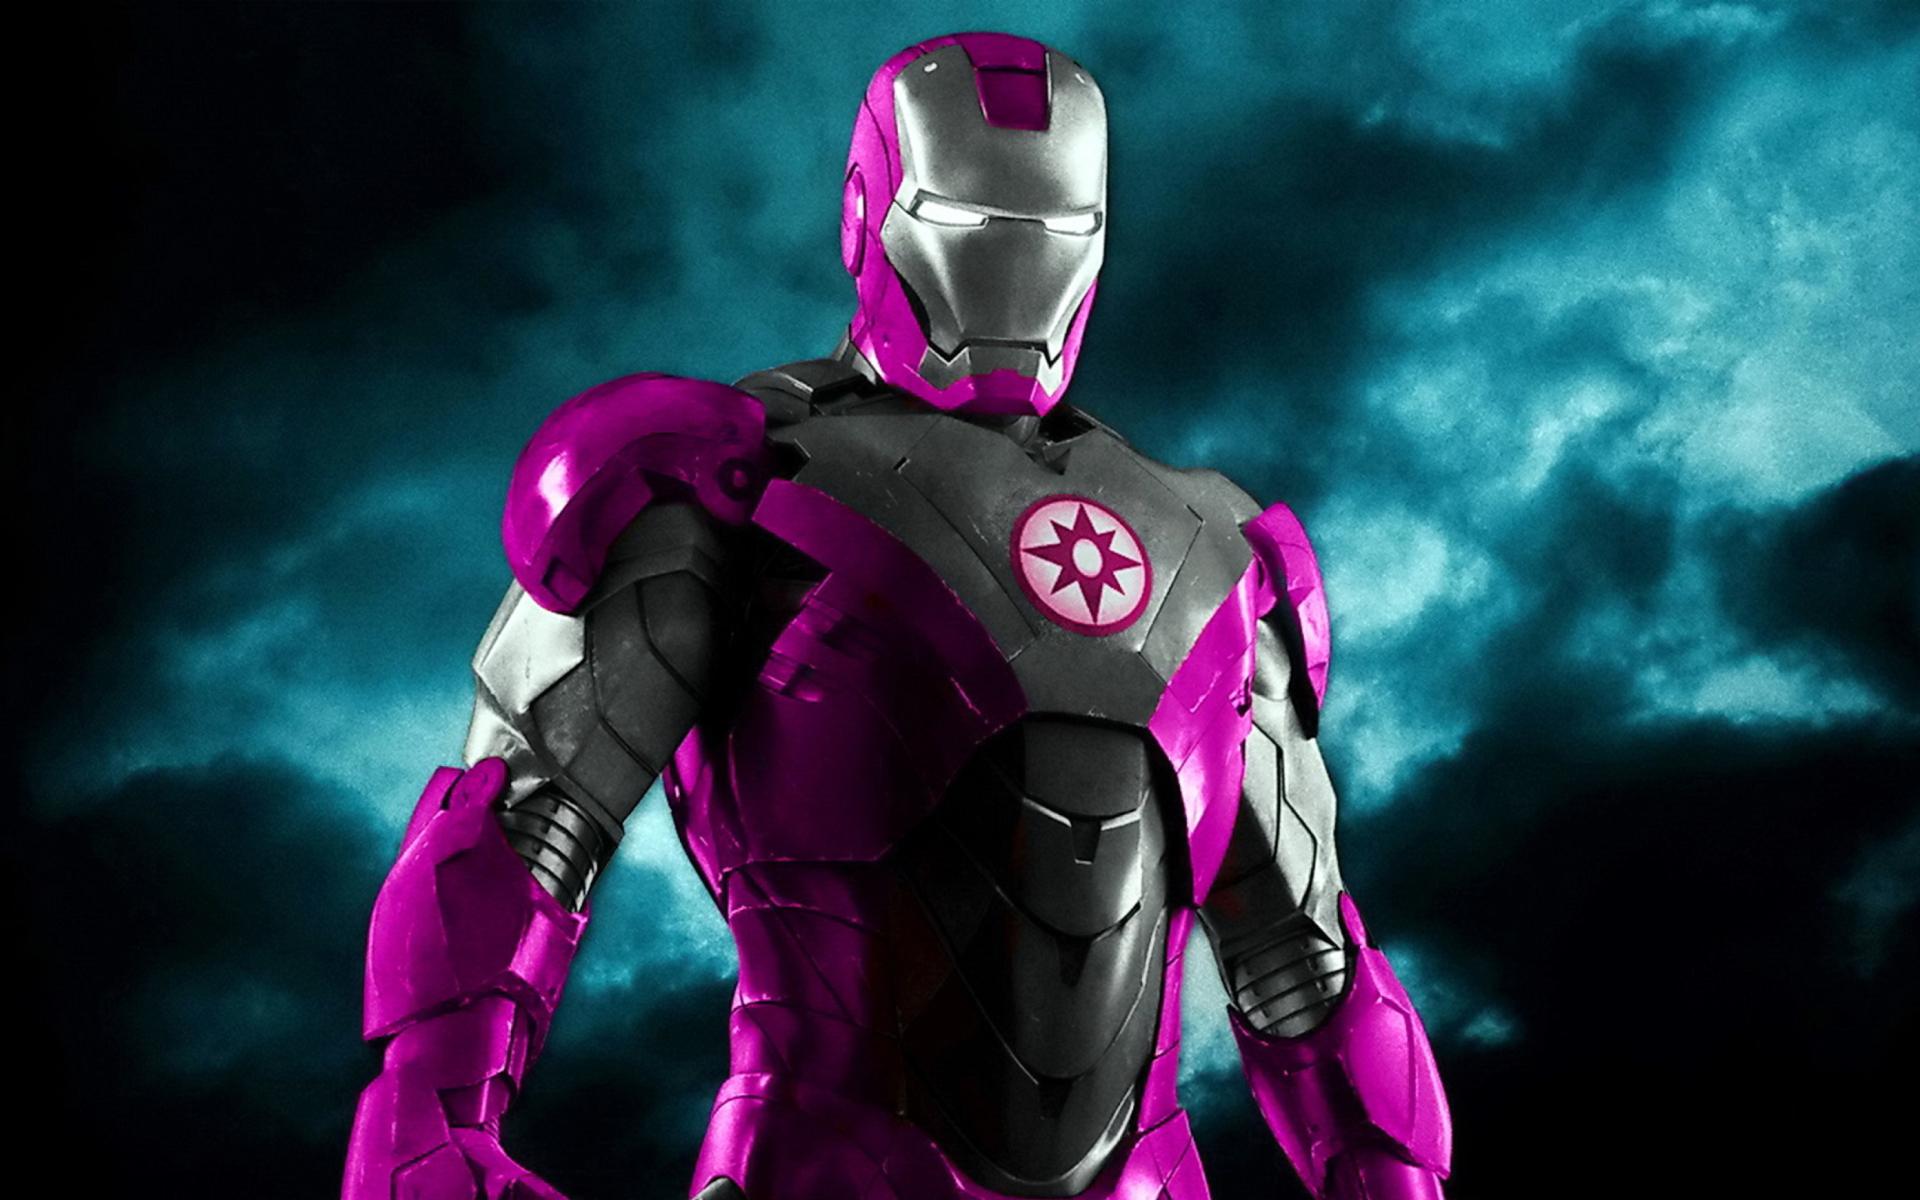 Descargar Iron Man 4 A2zp30: Fondos De Pantalla Gratis Para Widescreen